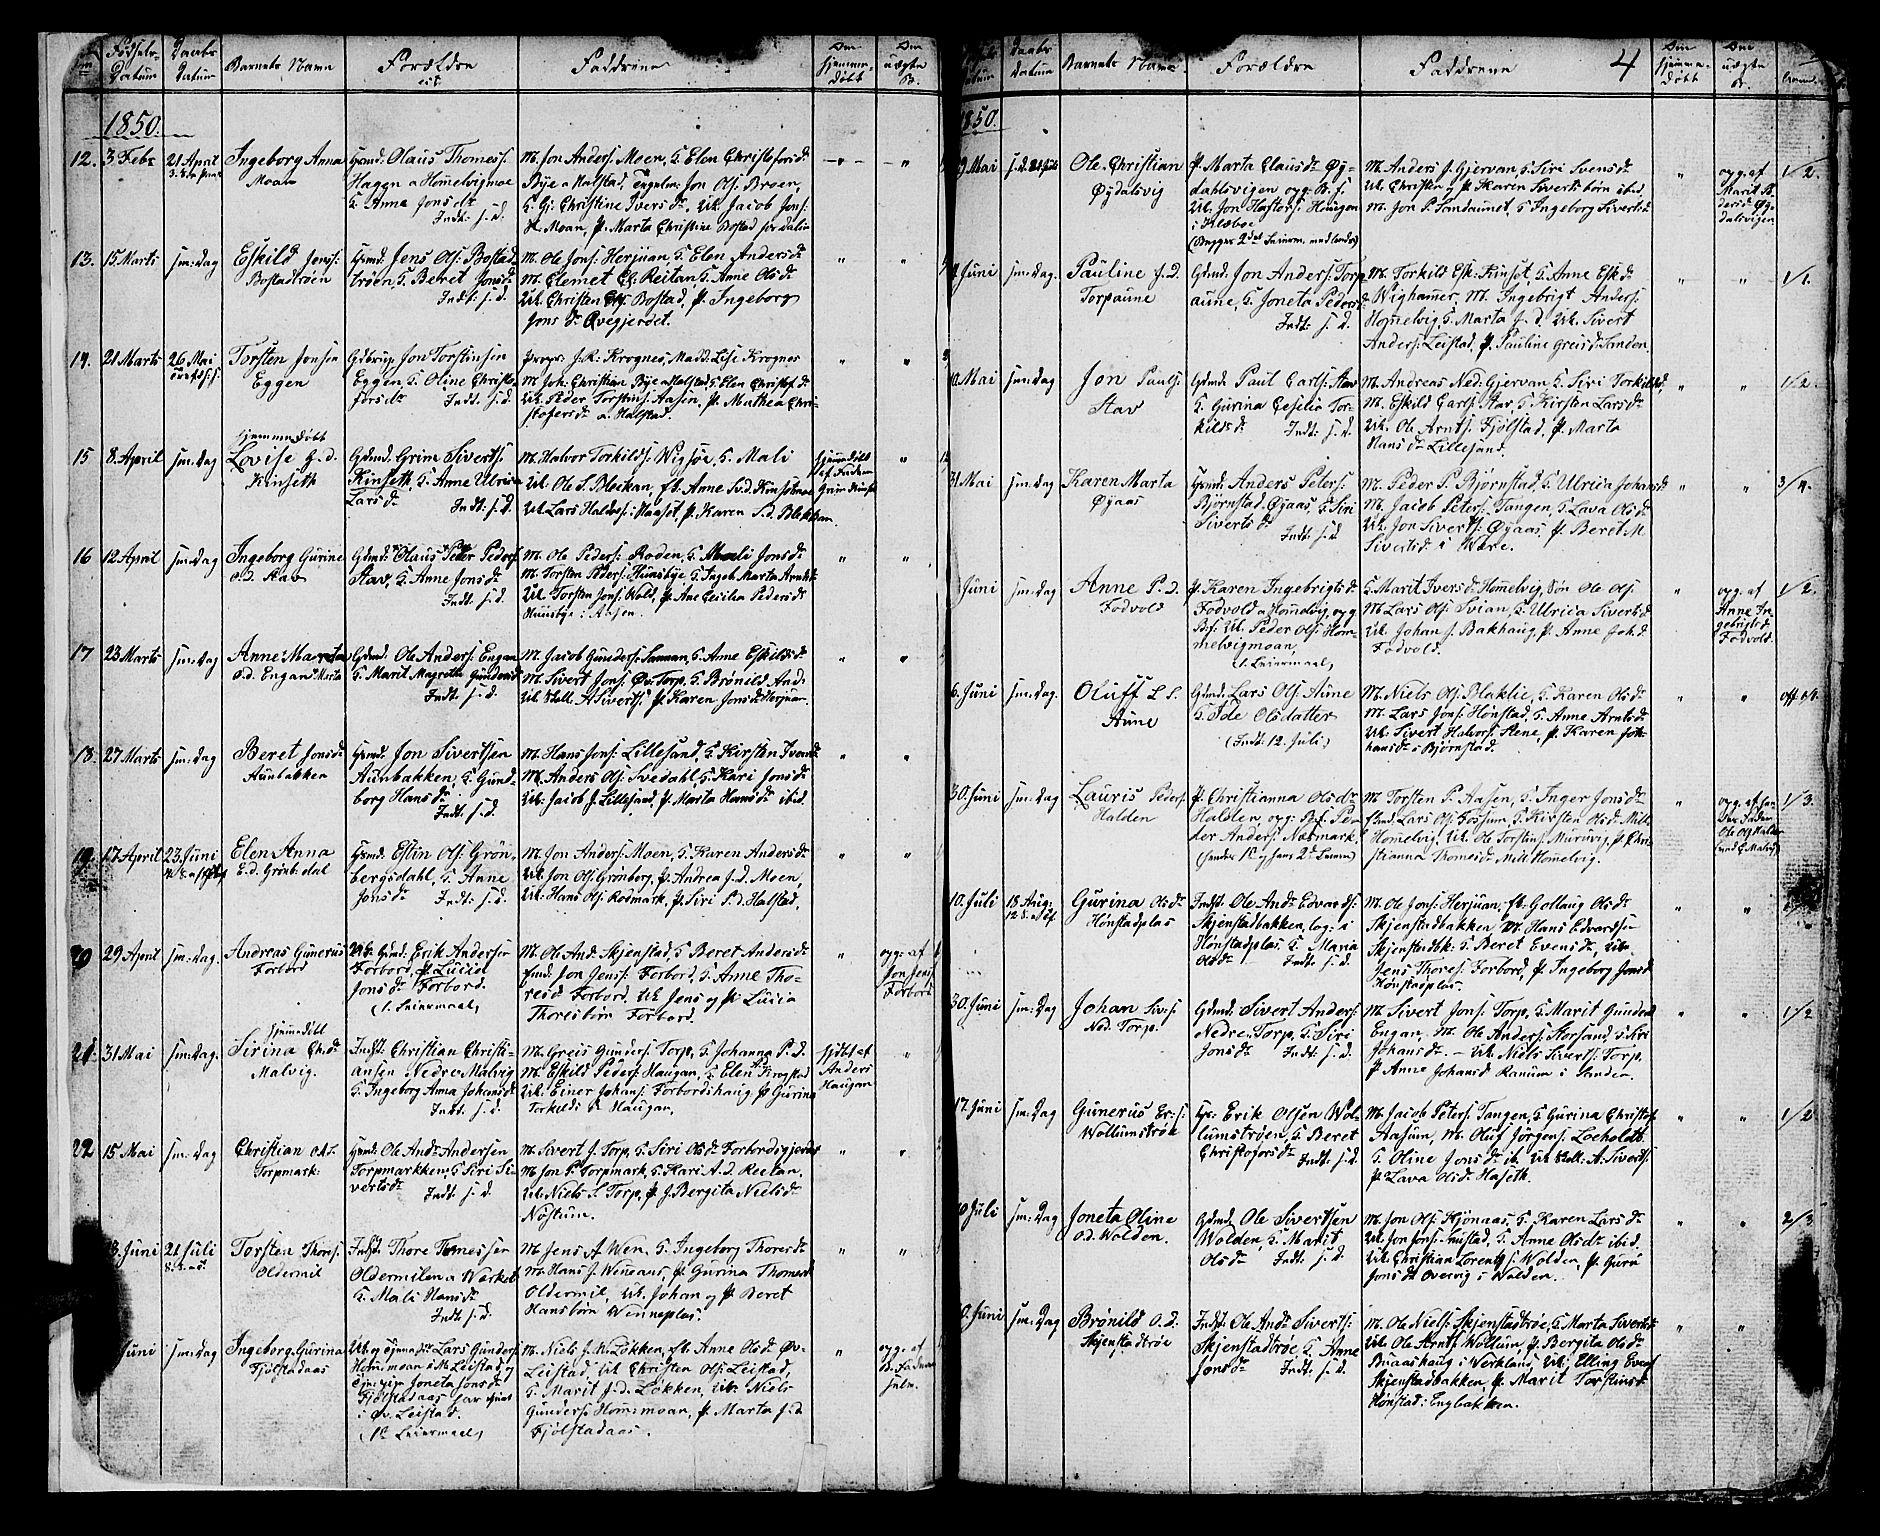 SAT, Ministerialprotokoller, klokkerbøker og fødselsregistre - Sør-Trøndelag, 616/L0422: Klokkerbok nr. 616C05, 1850-1888, s. 2